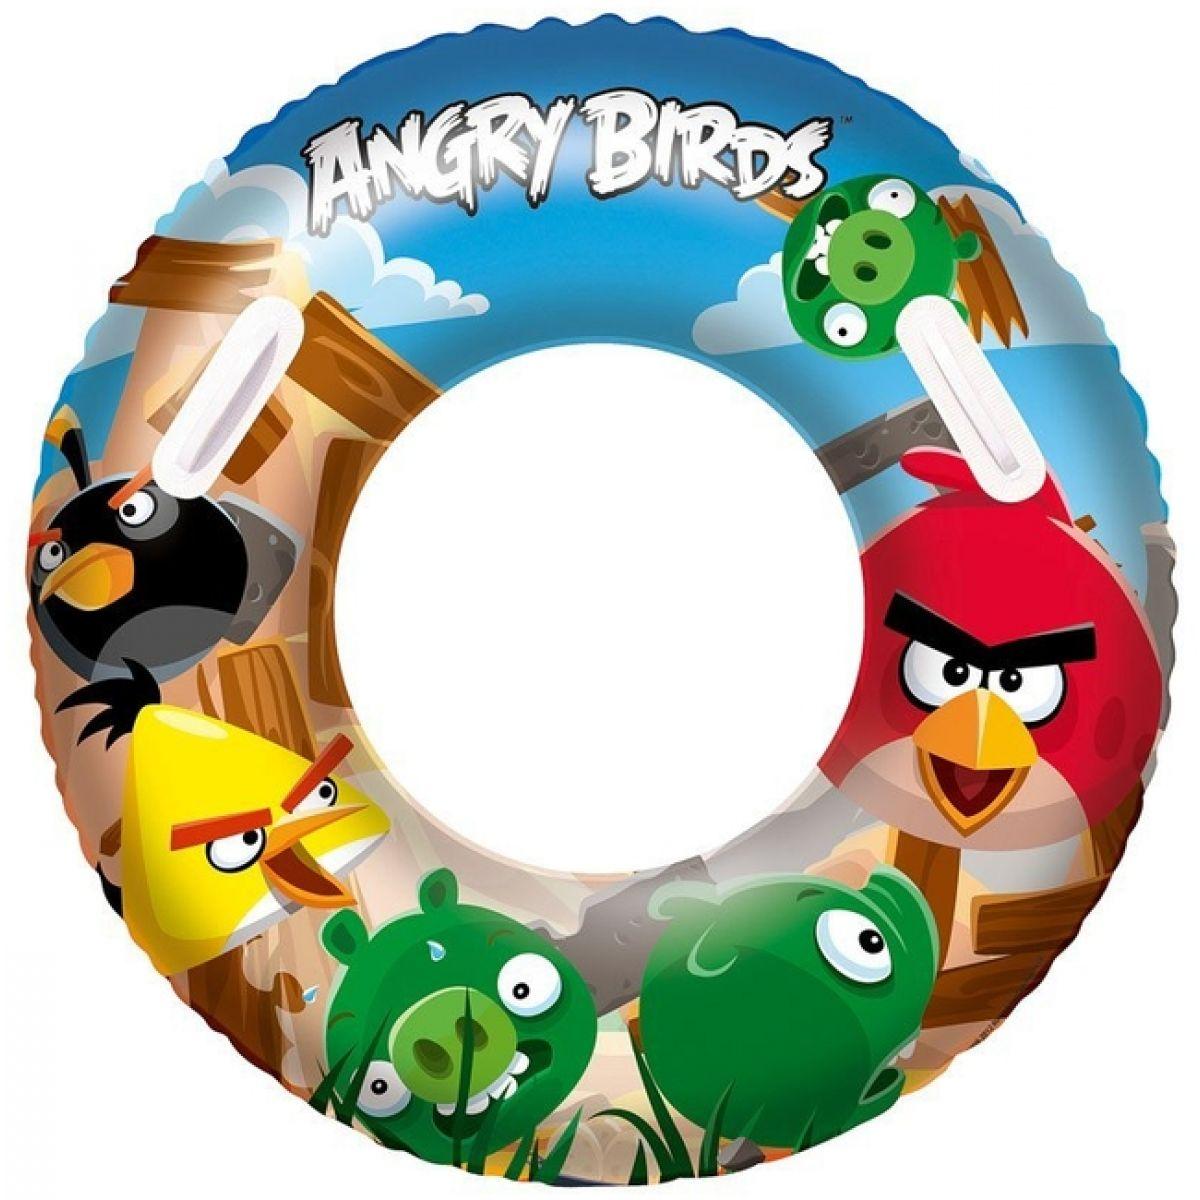 Bestway 96103B - Nafukovací kruh velký - Angry Birds, průměr 91 cm